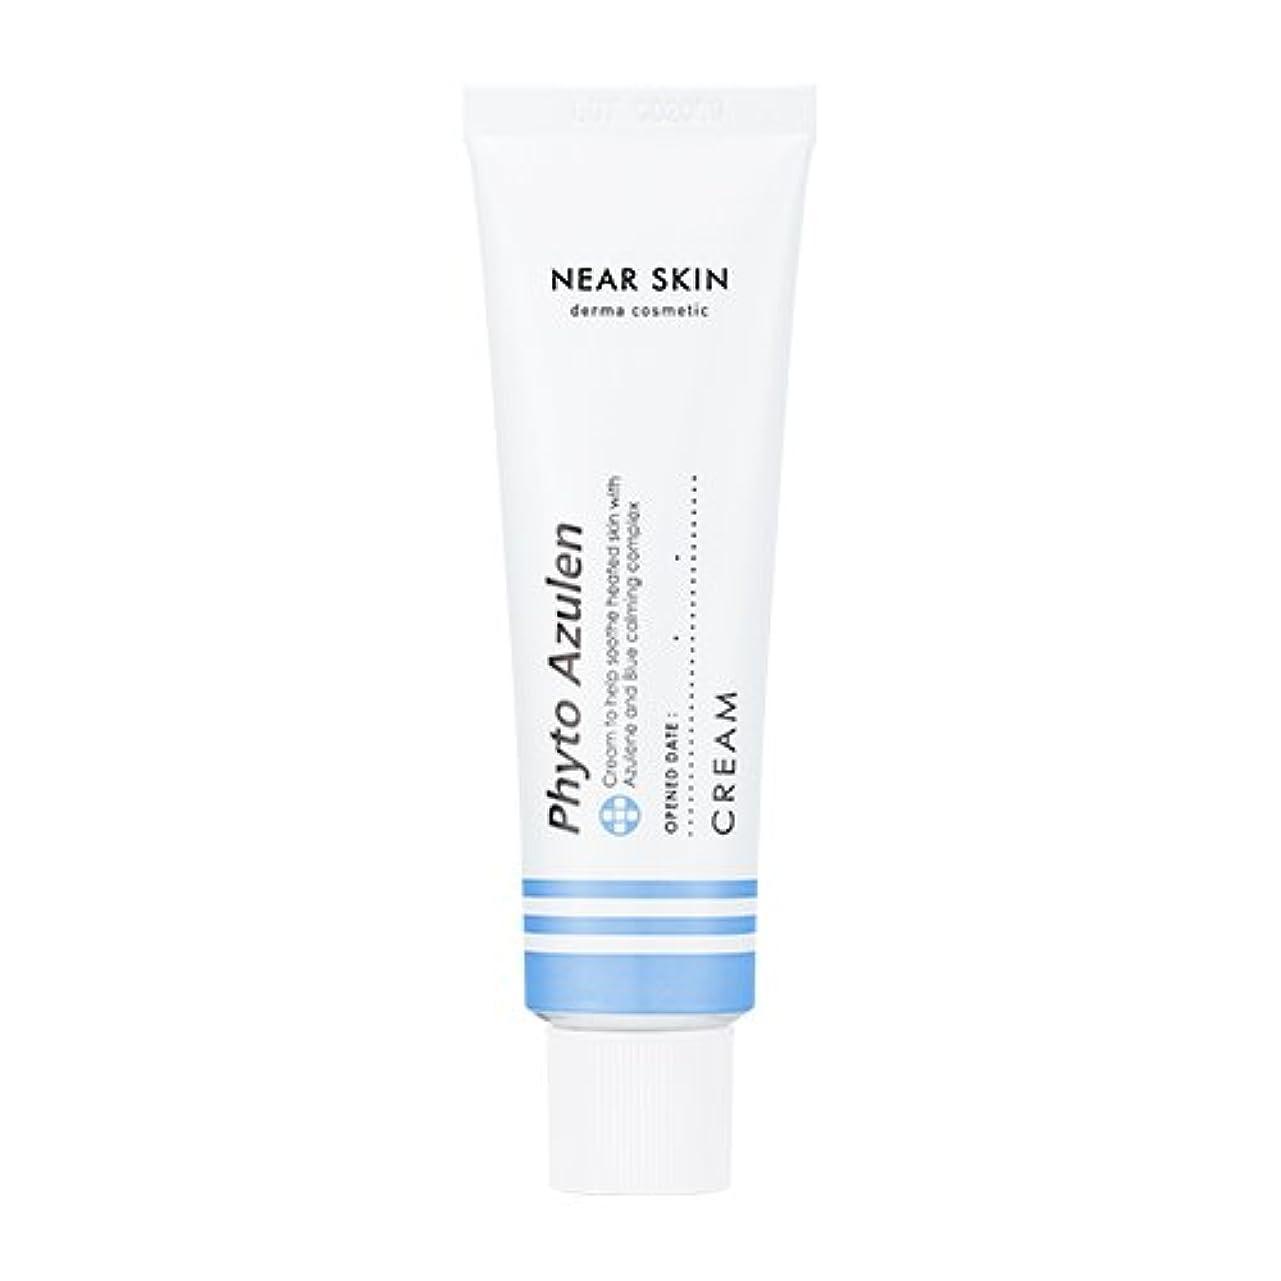 関係風が強い腕MISSHA [NEAR SKIN] Phyto Azulen Cream/ミシャ ニアスキン フィトアズレンクリーム 50ml [並行輸入品]